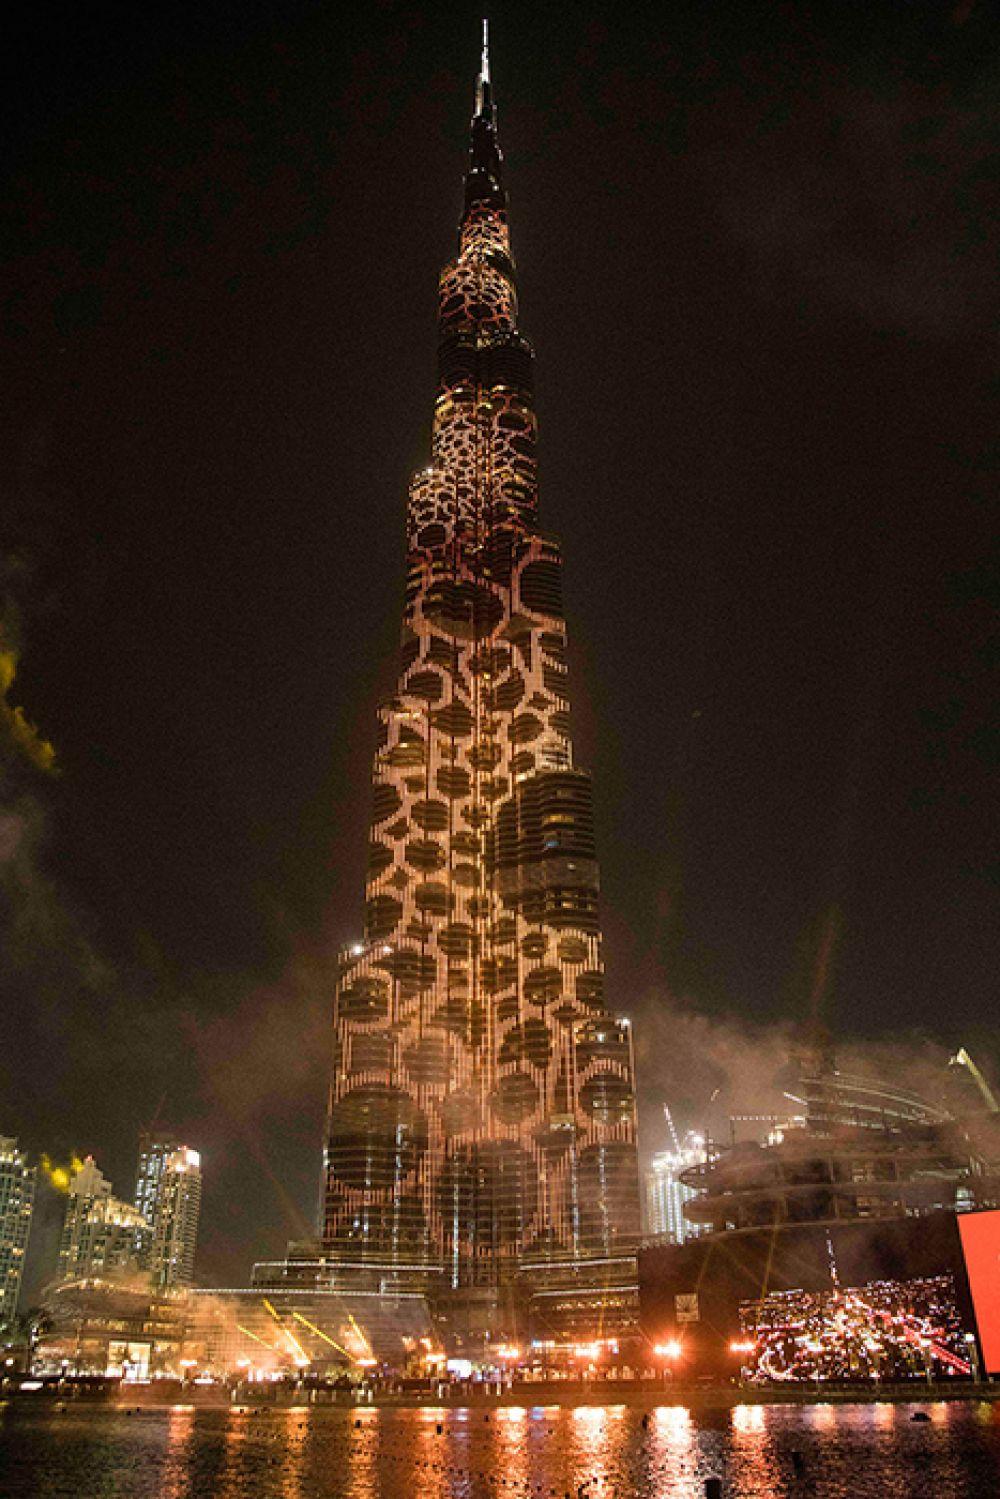 Иллюминация на башне в честь Dubai Expo 2020.